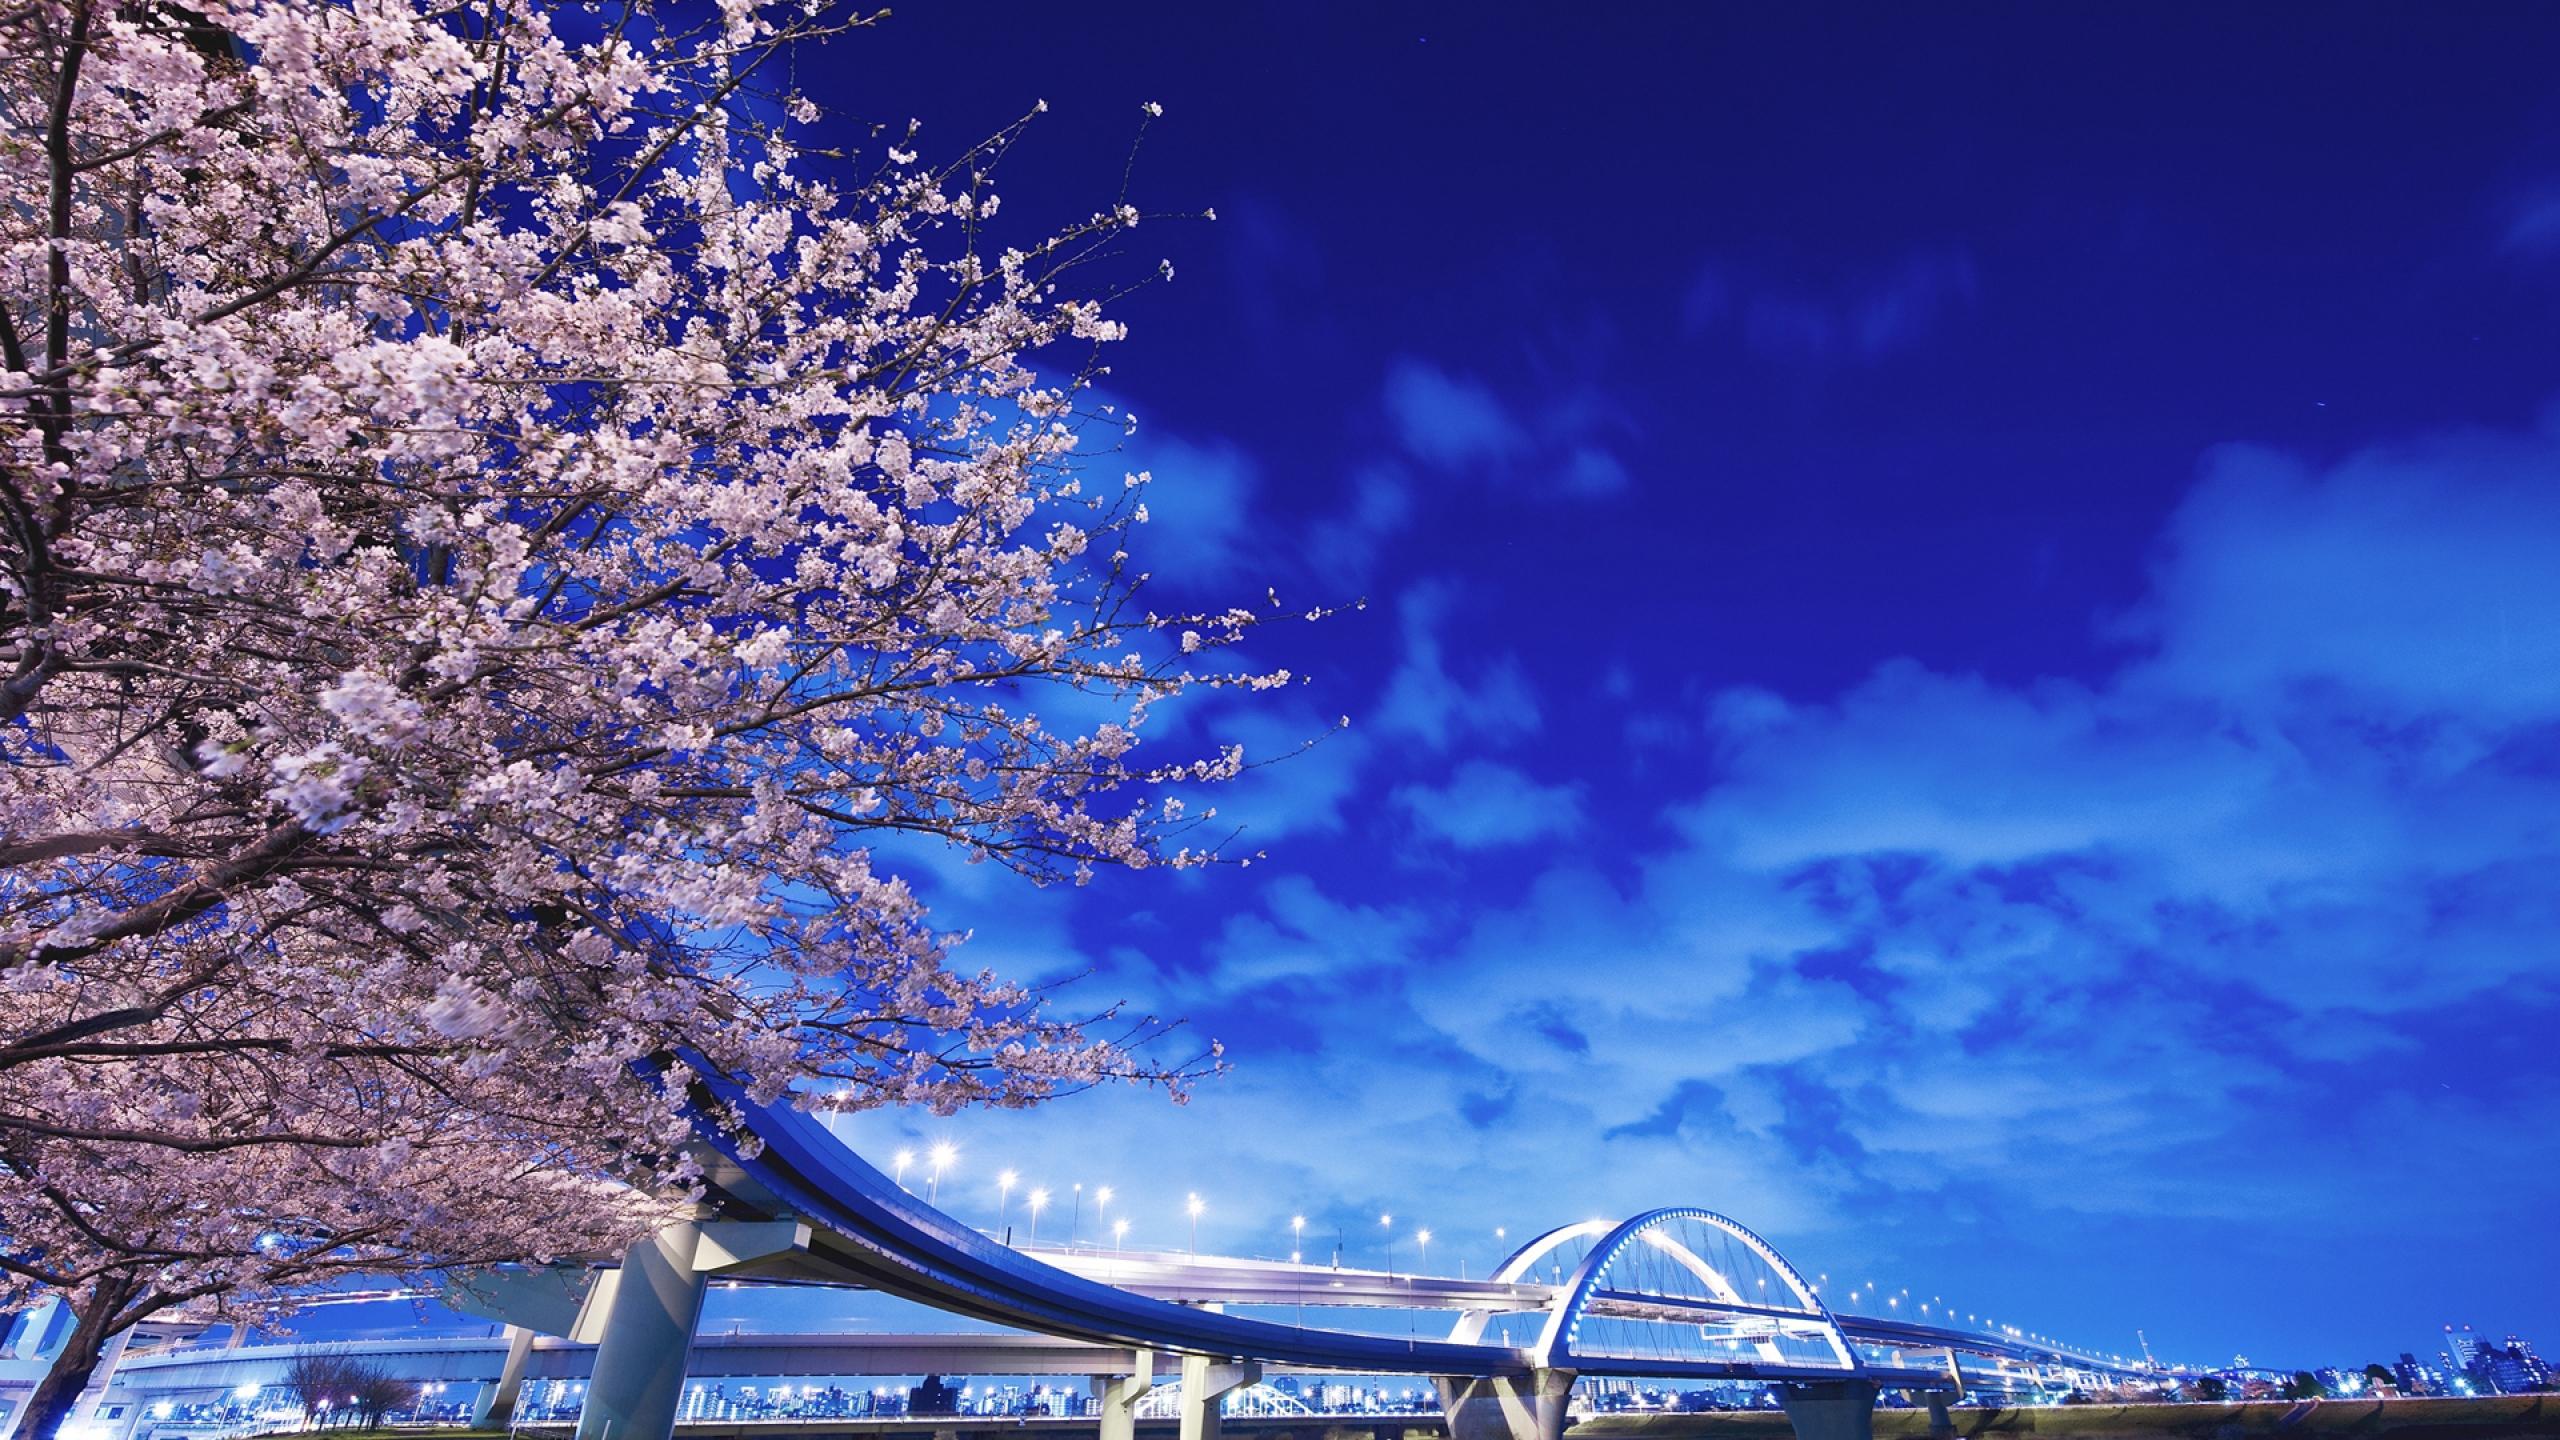 2560x1440 Wallpaper japan hokkaido bridge sakura 2560x1440